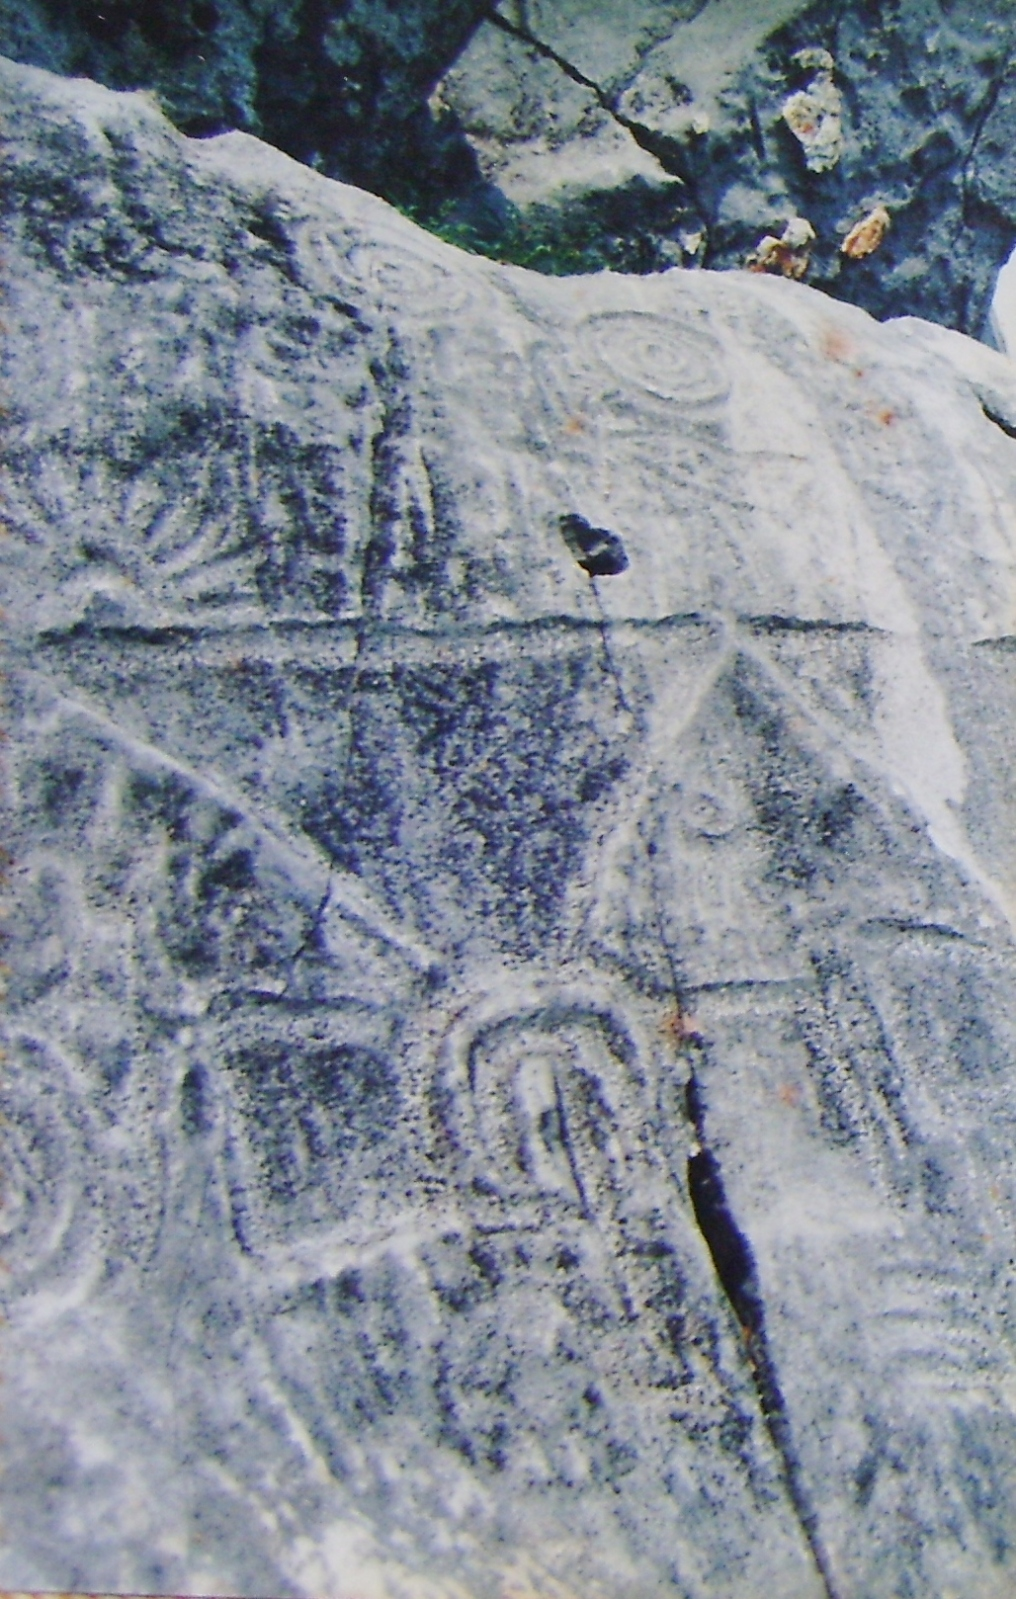 Un cerrito de Petróglifos Verdadero tesoro en Piedras Otqg3s